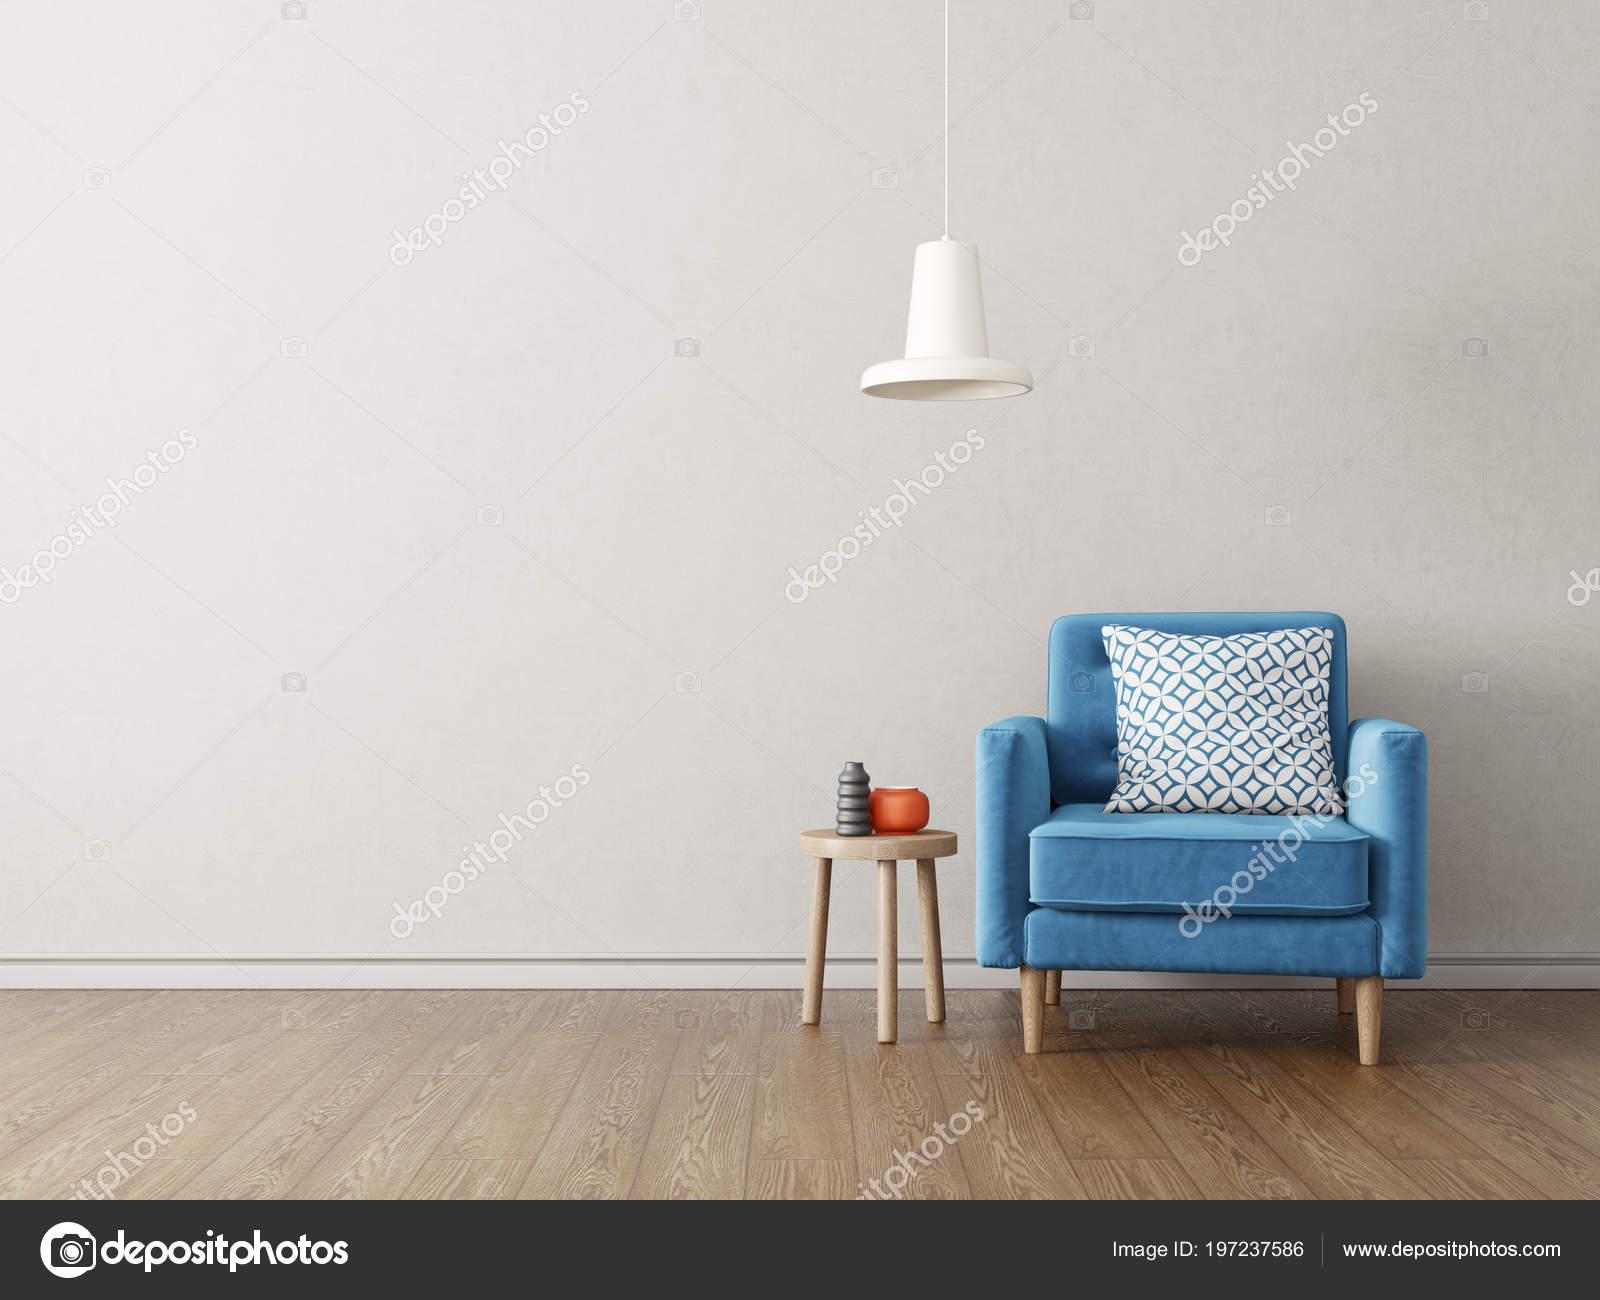 Lampen Scandinavisch Interieur : Moderne woonkamer met blauwe leunstoel lamp scandinavisch